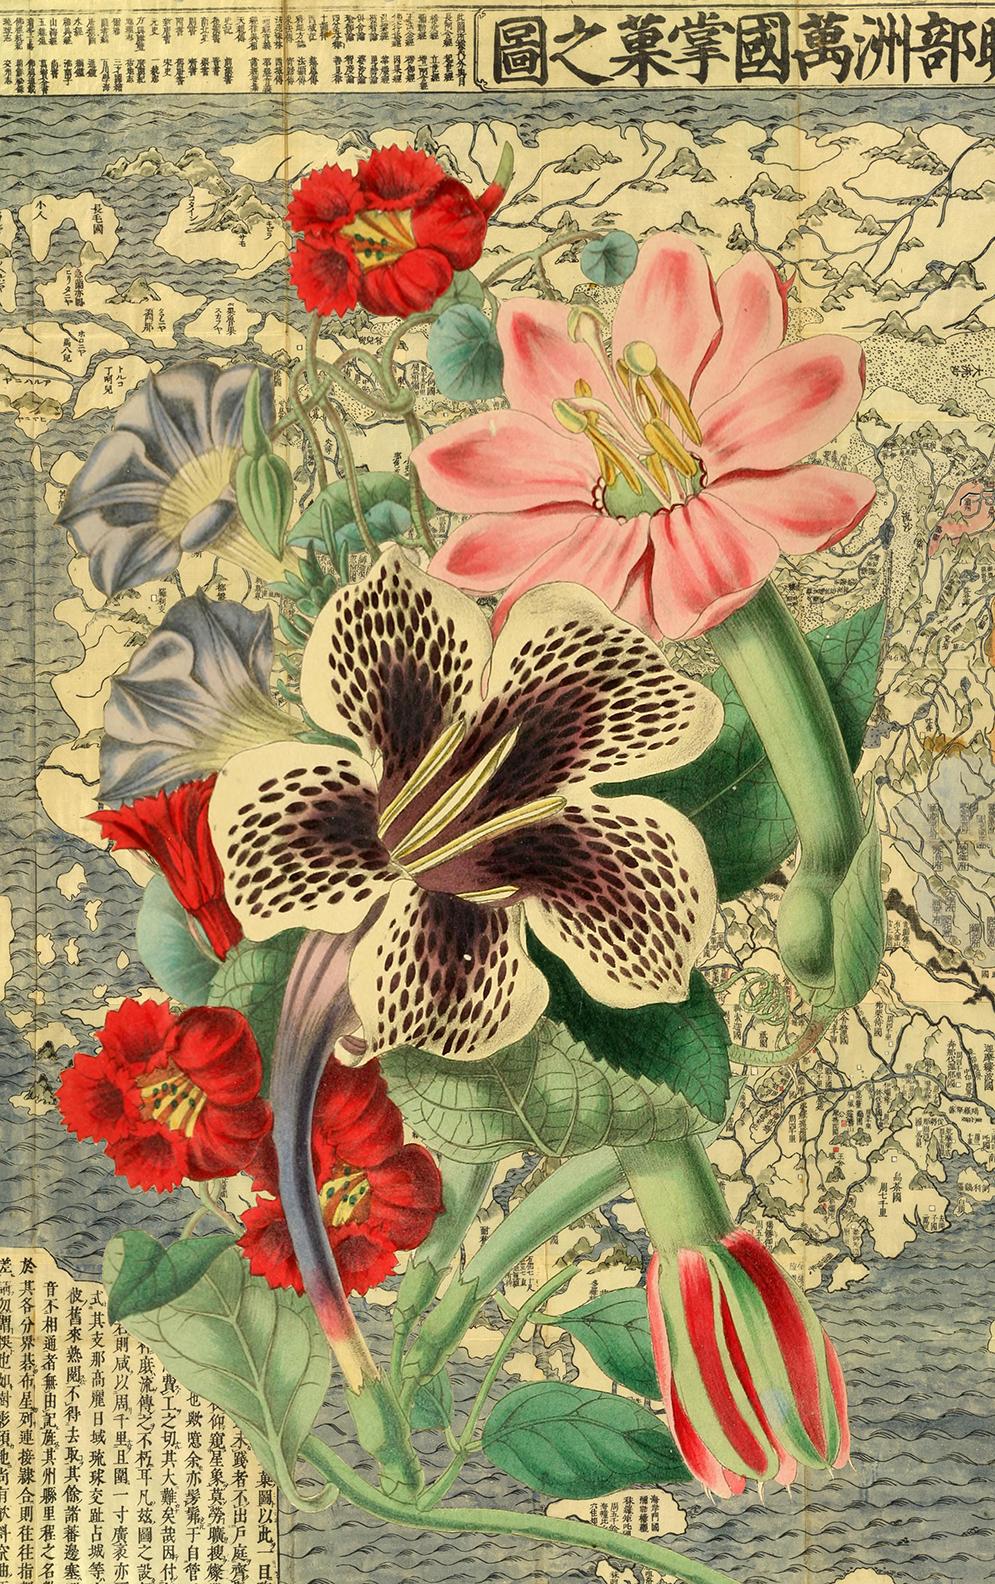 otm-moreflowers